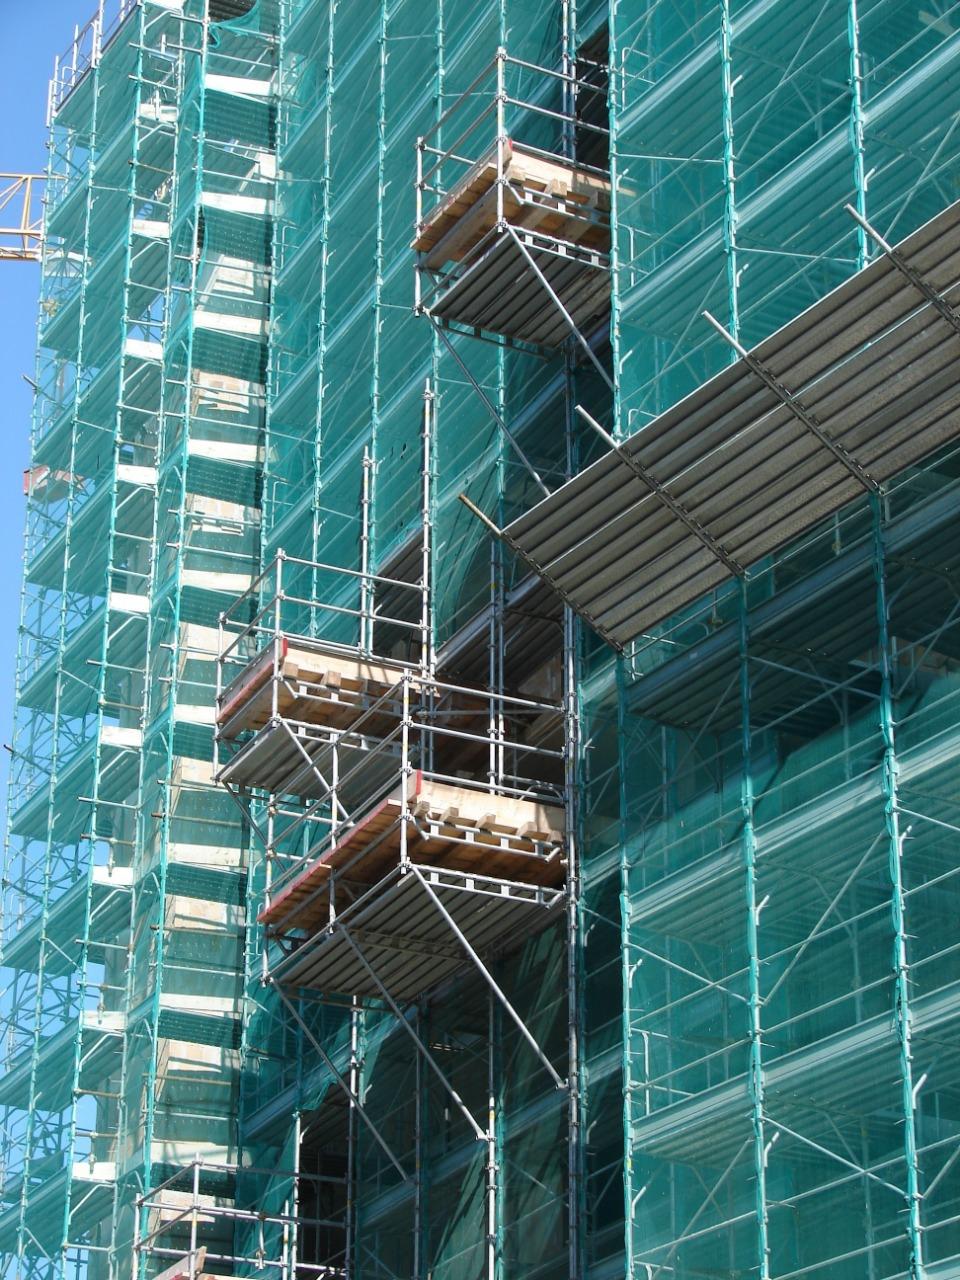 Gallery foto n.2 Погрузочные платформы - Возведение здания